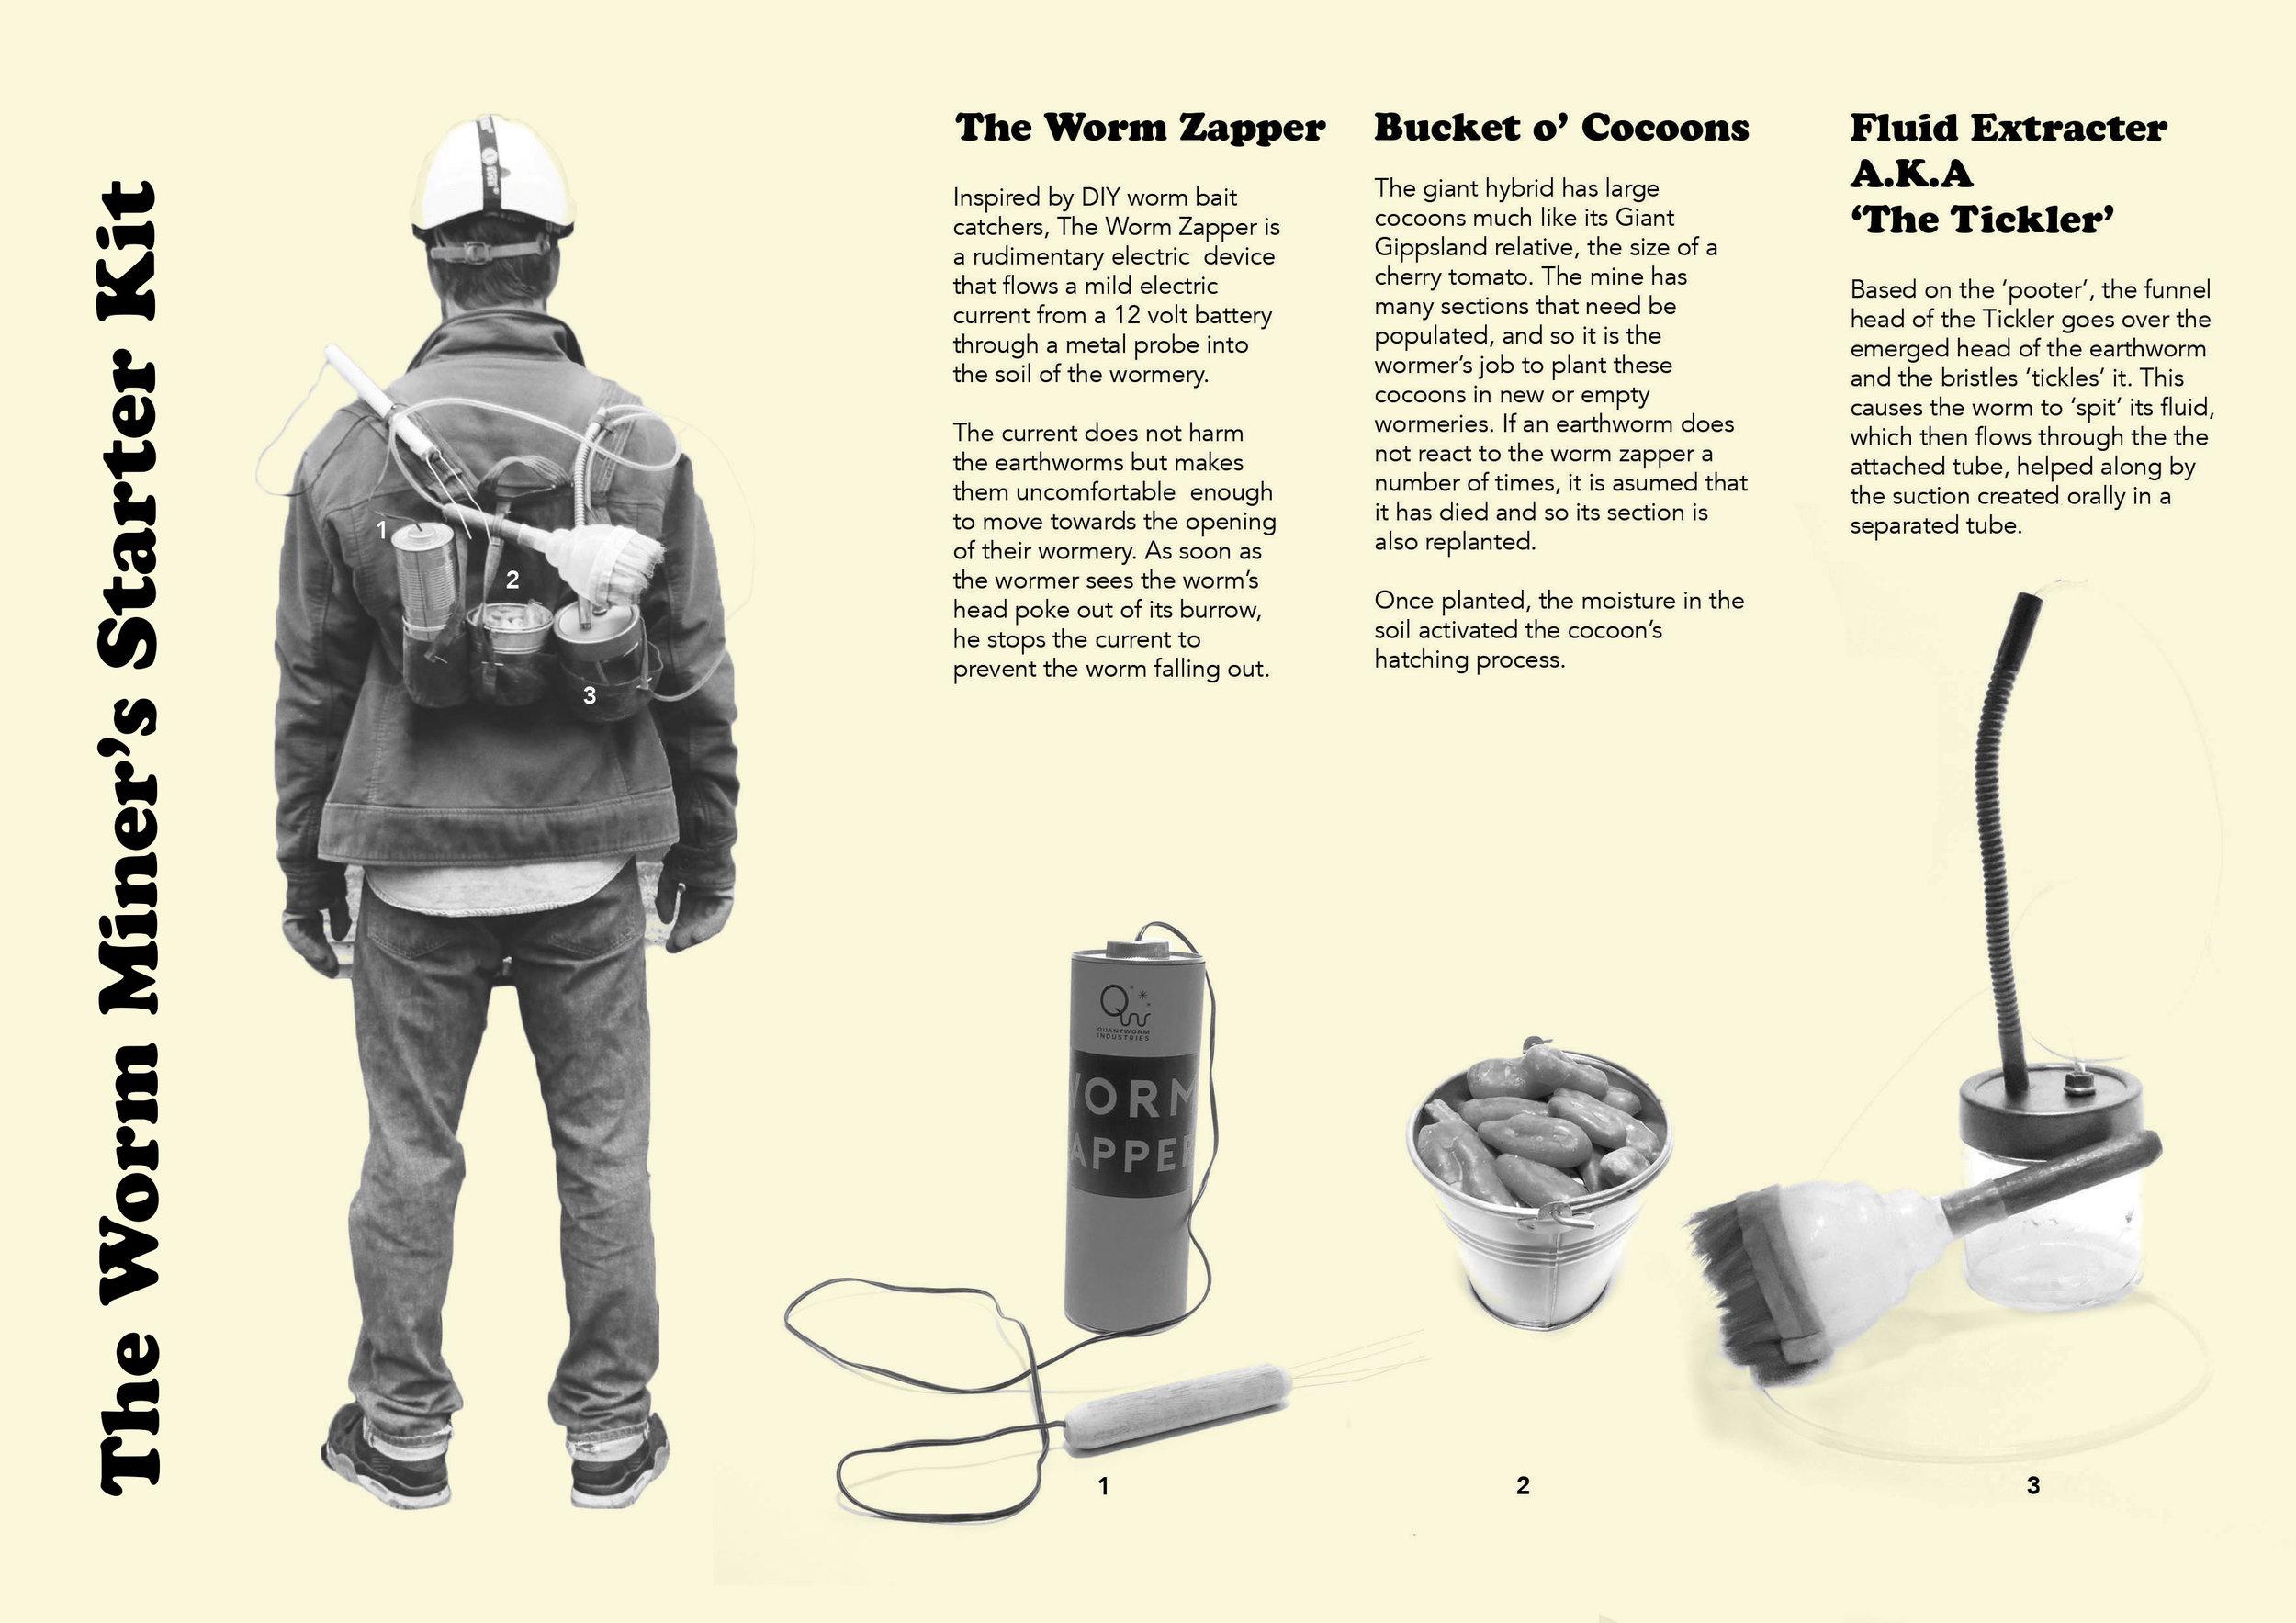 wormerstarterkit(backupimage).jpg